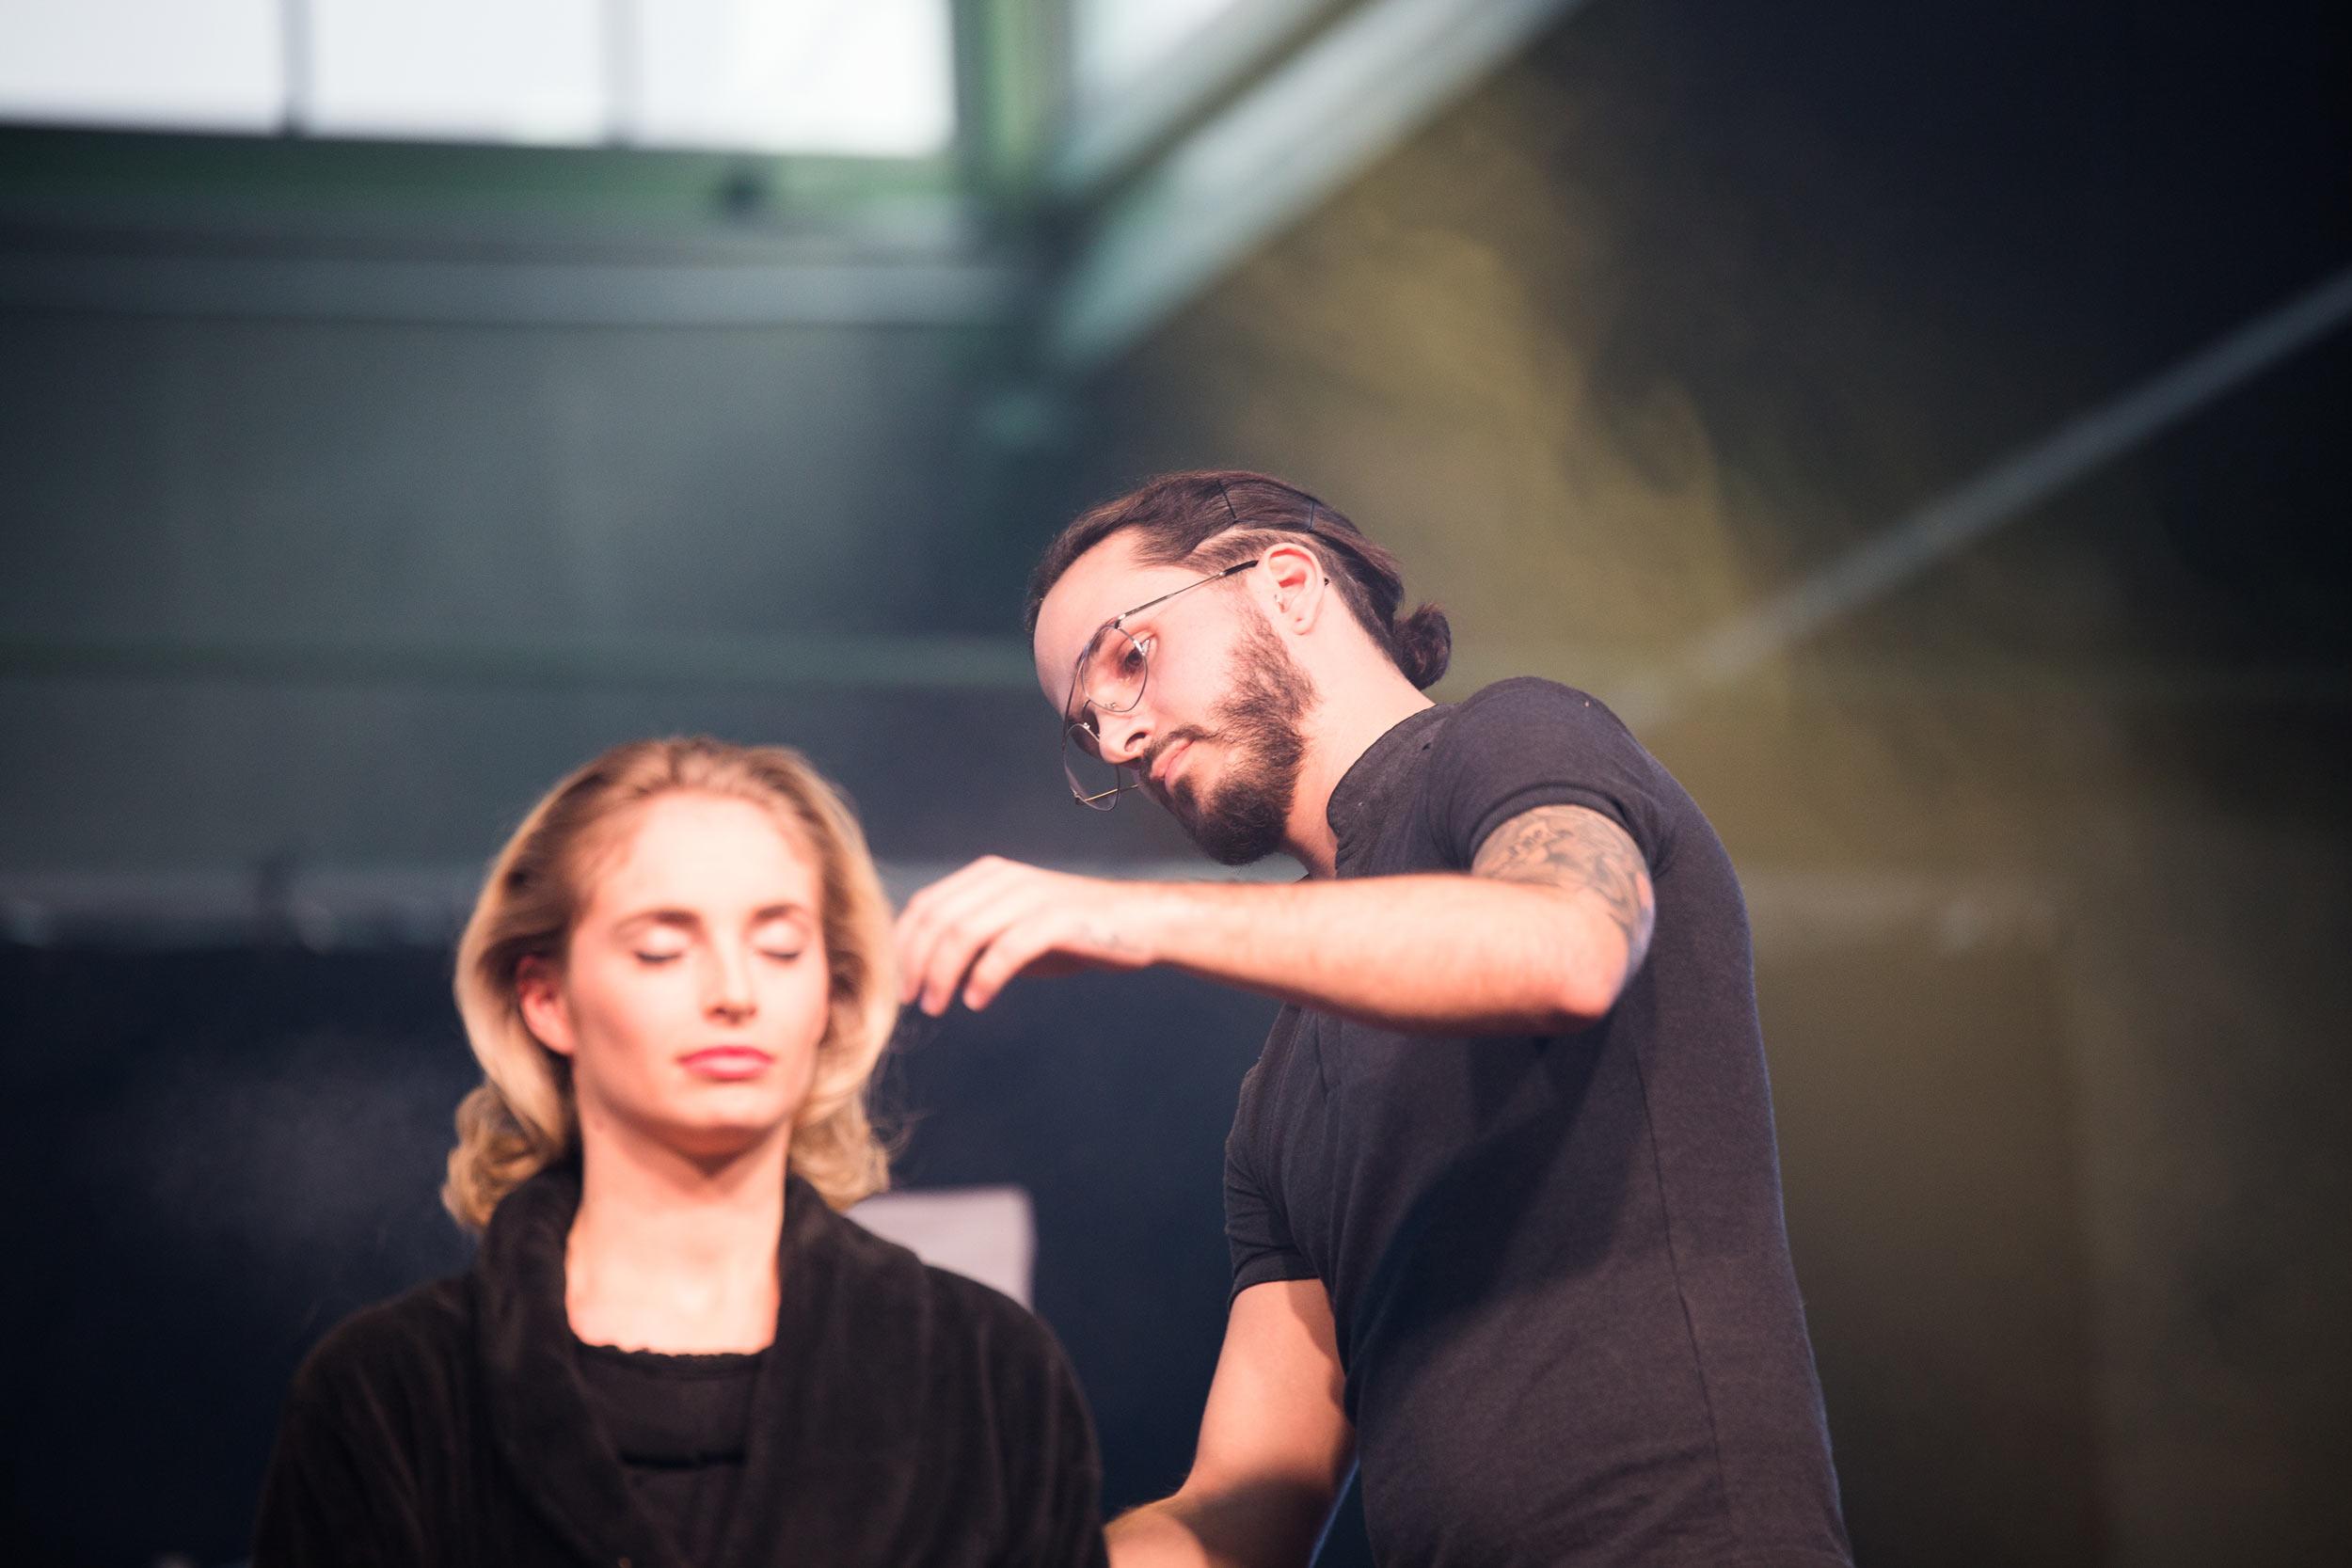 Echoscoiffure-magazine-events-coiffeur-Distri-coiff-Alexandre-le-beau.jpg